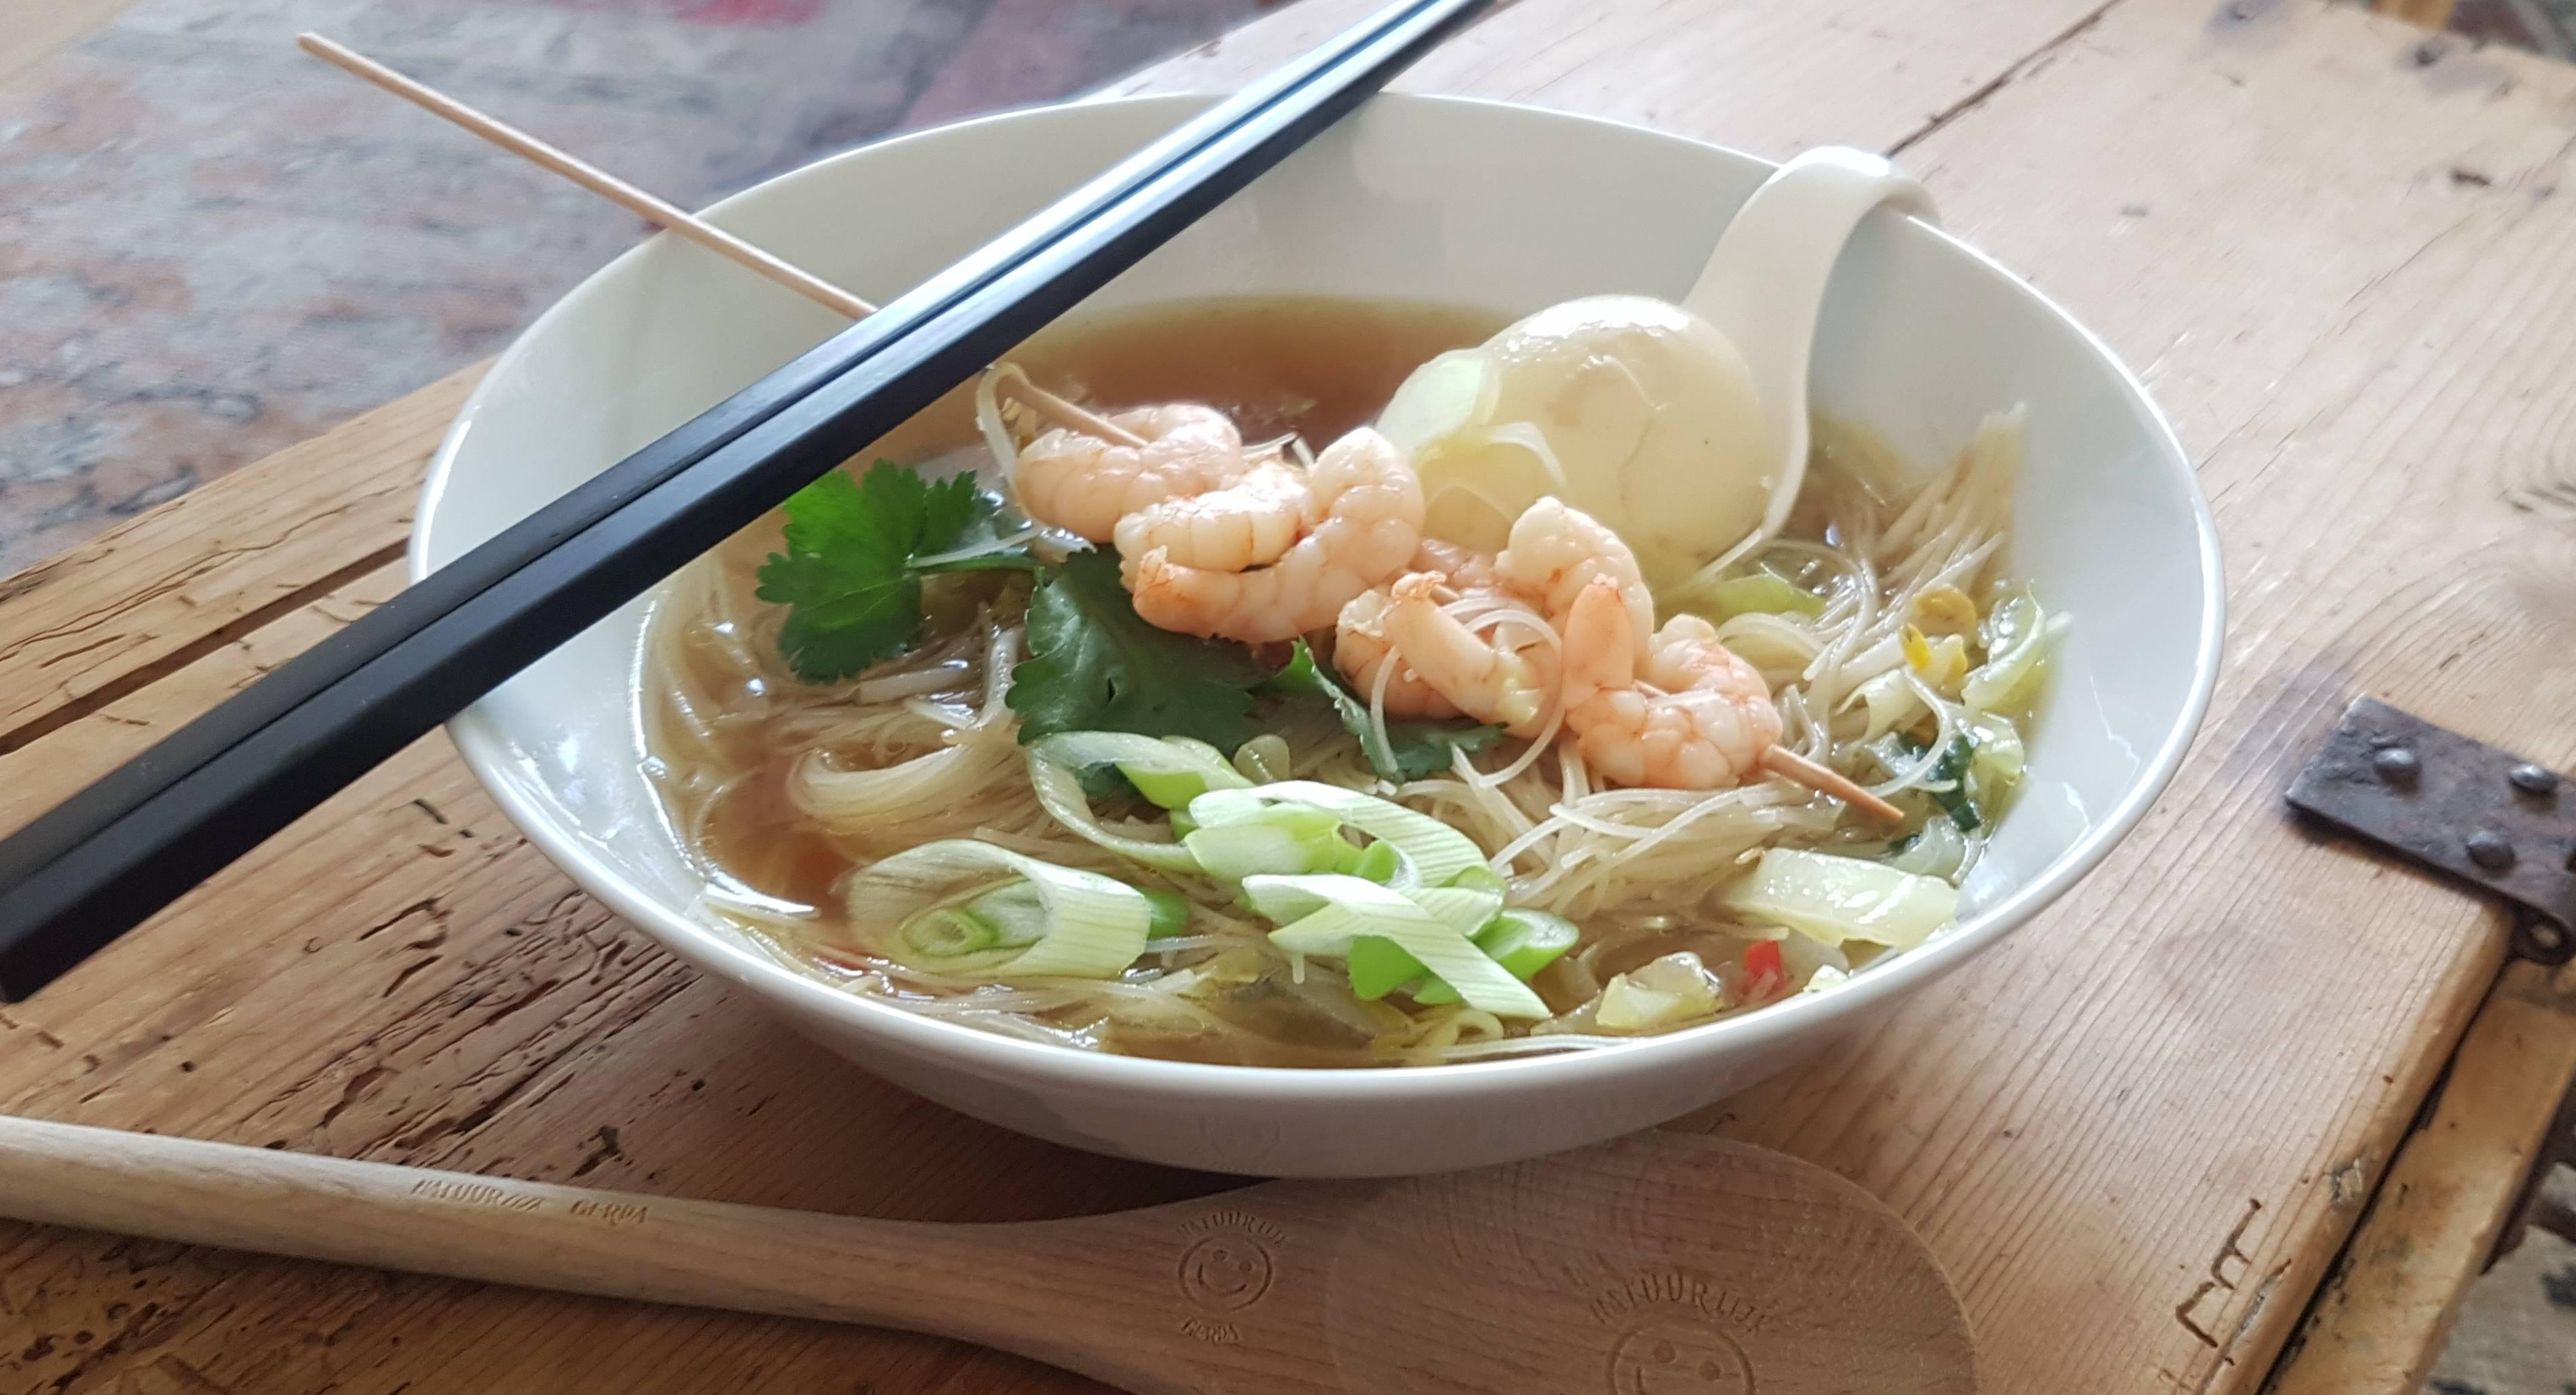 Gerda's chopsticky soup